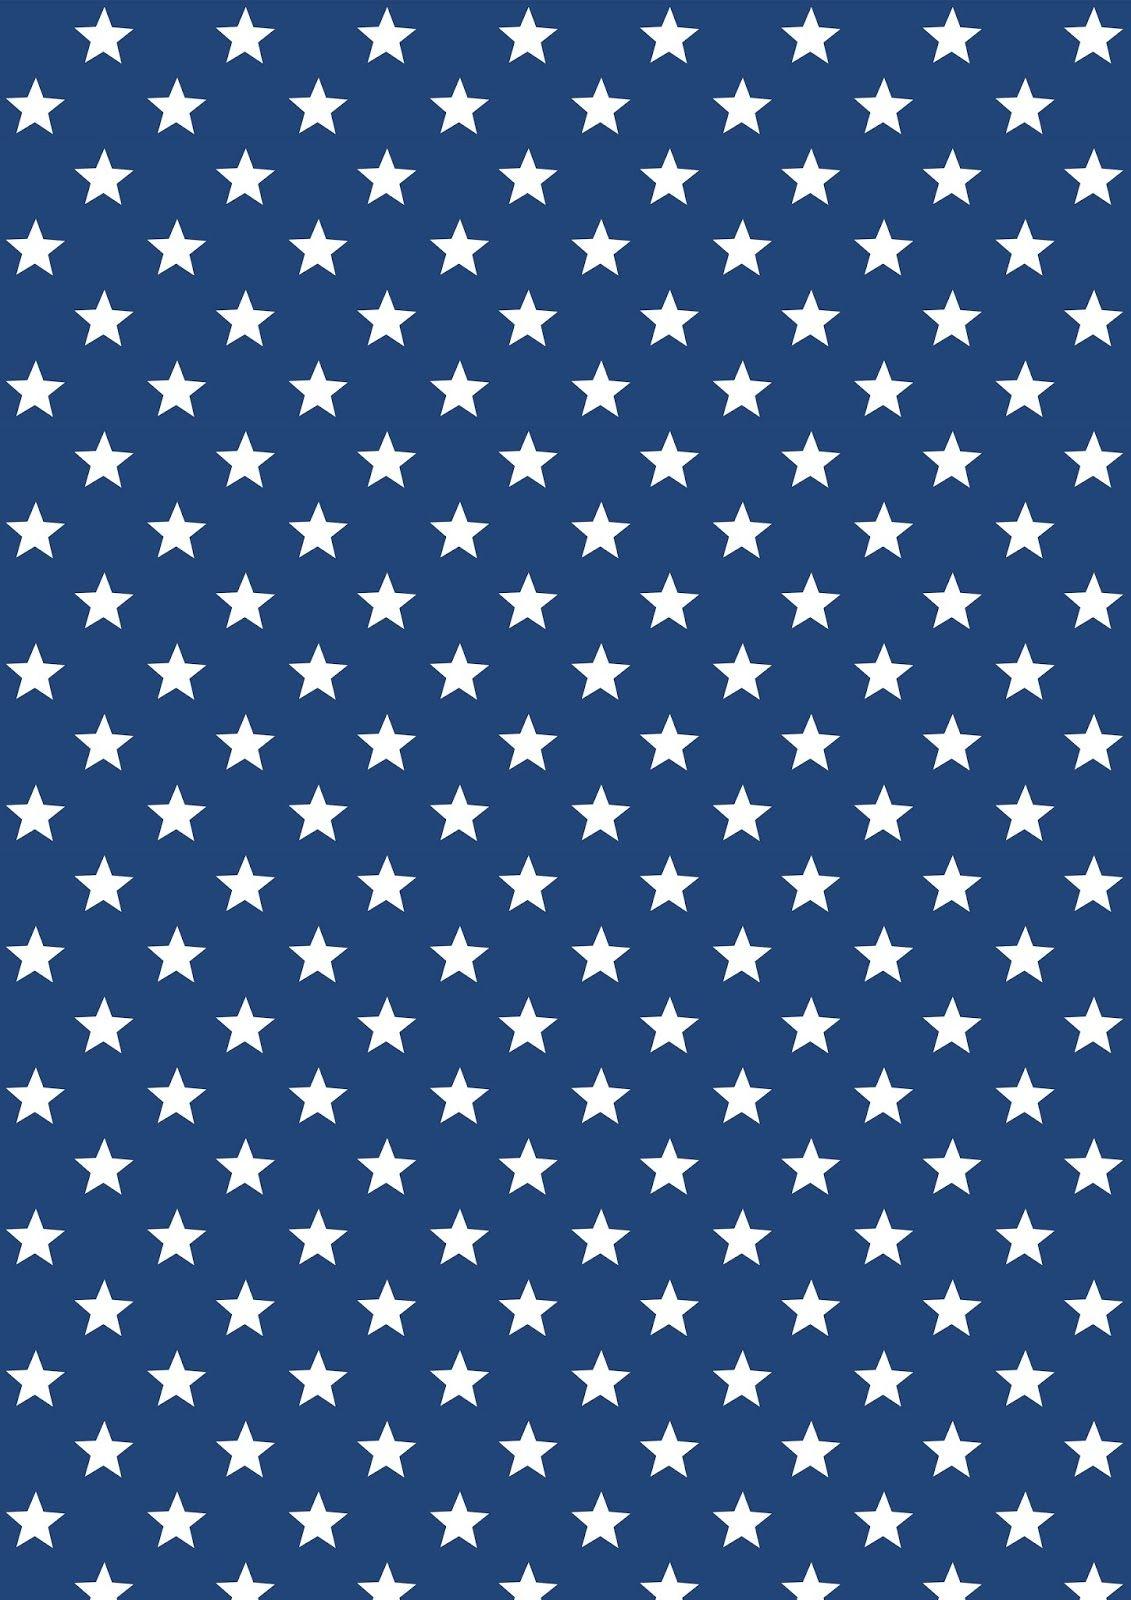 Worksheet Pattern Printable free printable stars and stripes pattern papers ausdruckbares geschenkpapier freebie meinlilapark diy